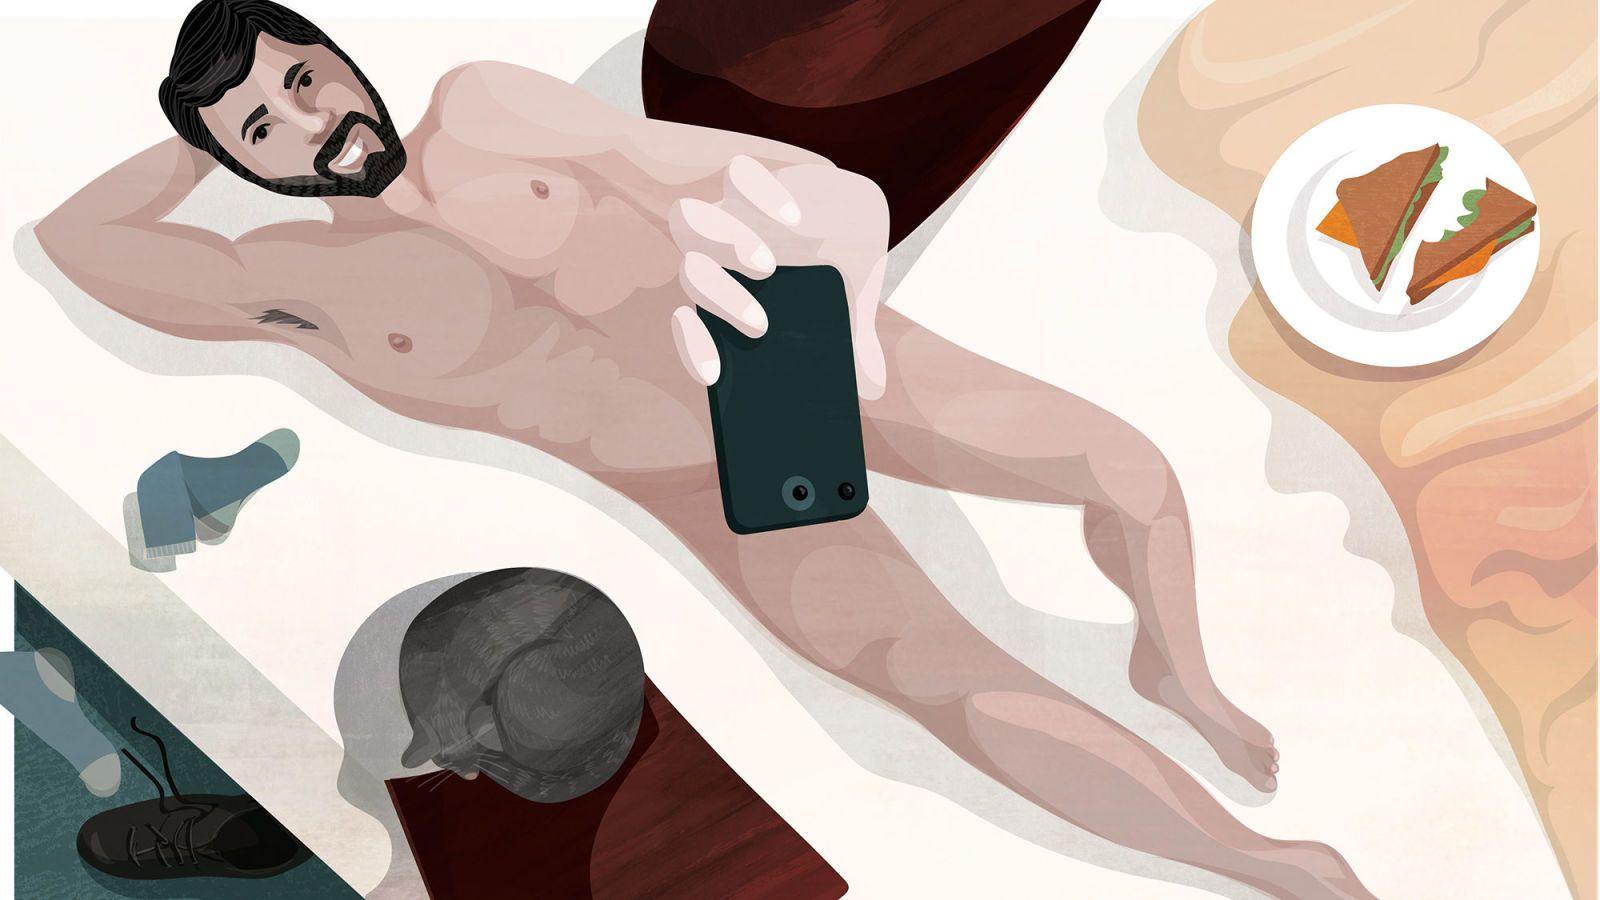 Zašto muškarci šalju fotografije svojih penisa (DikPik)